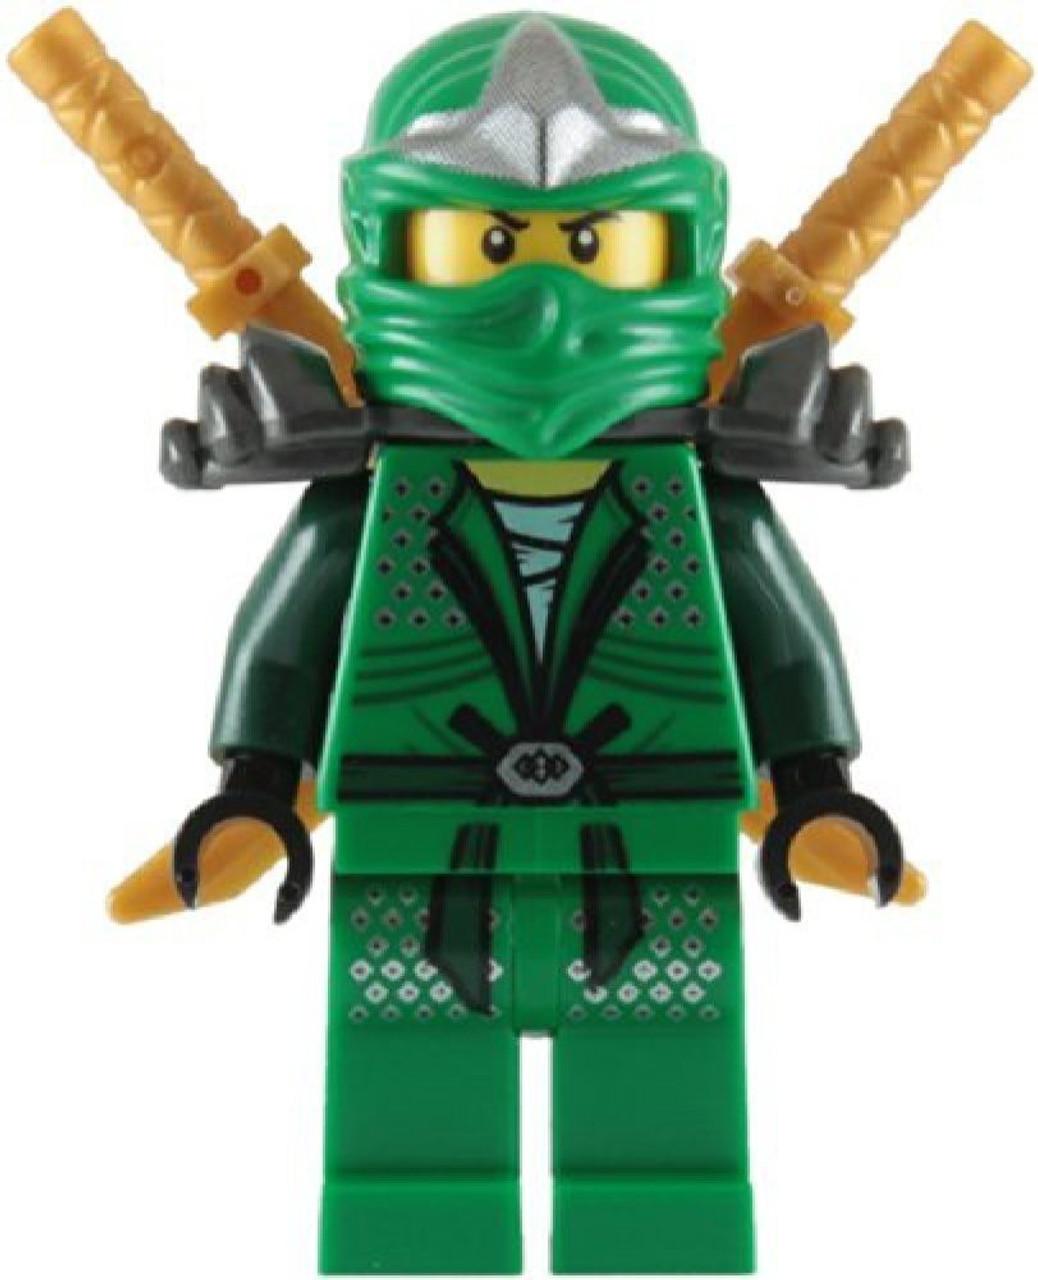 LEGO Ninjago Lloyd ZX With Dual Gold katanas Minifigure Green Loose ...